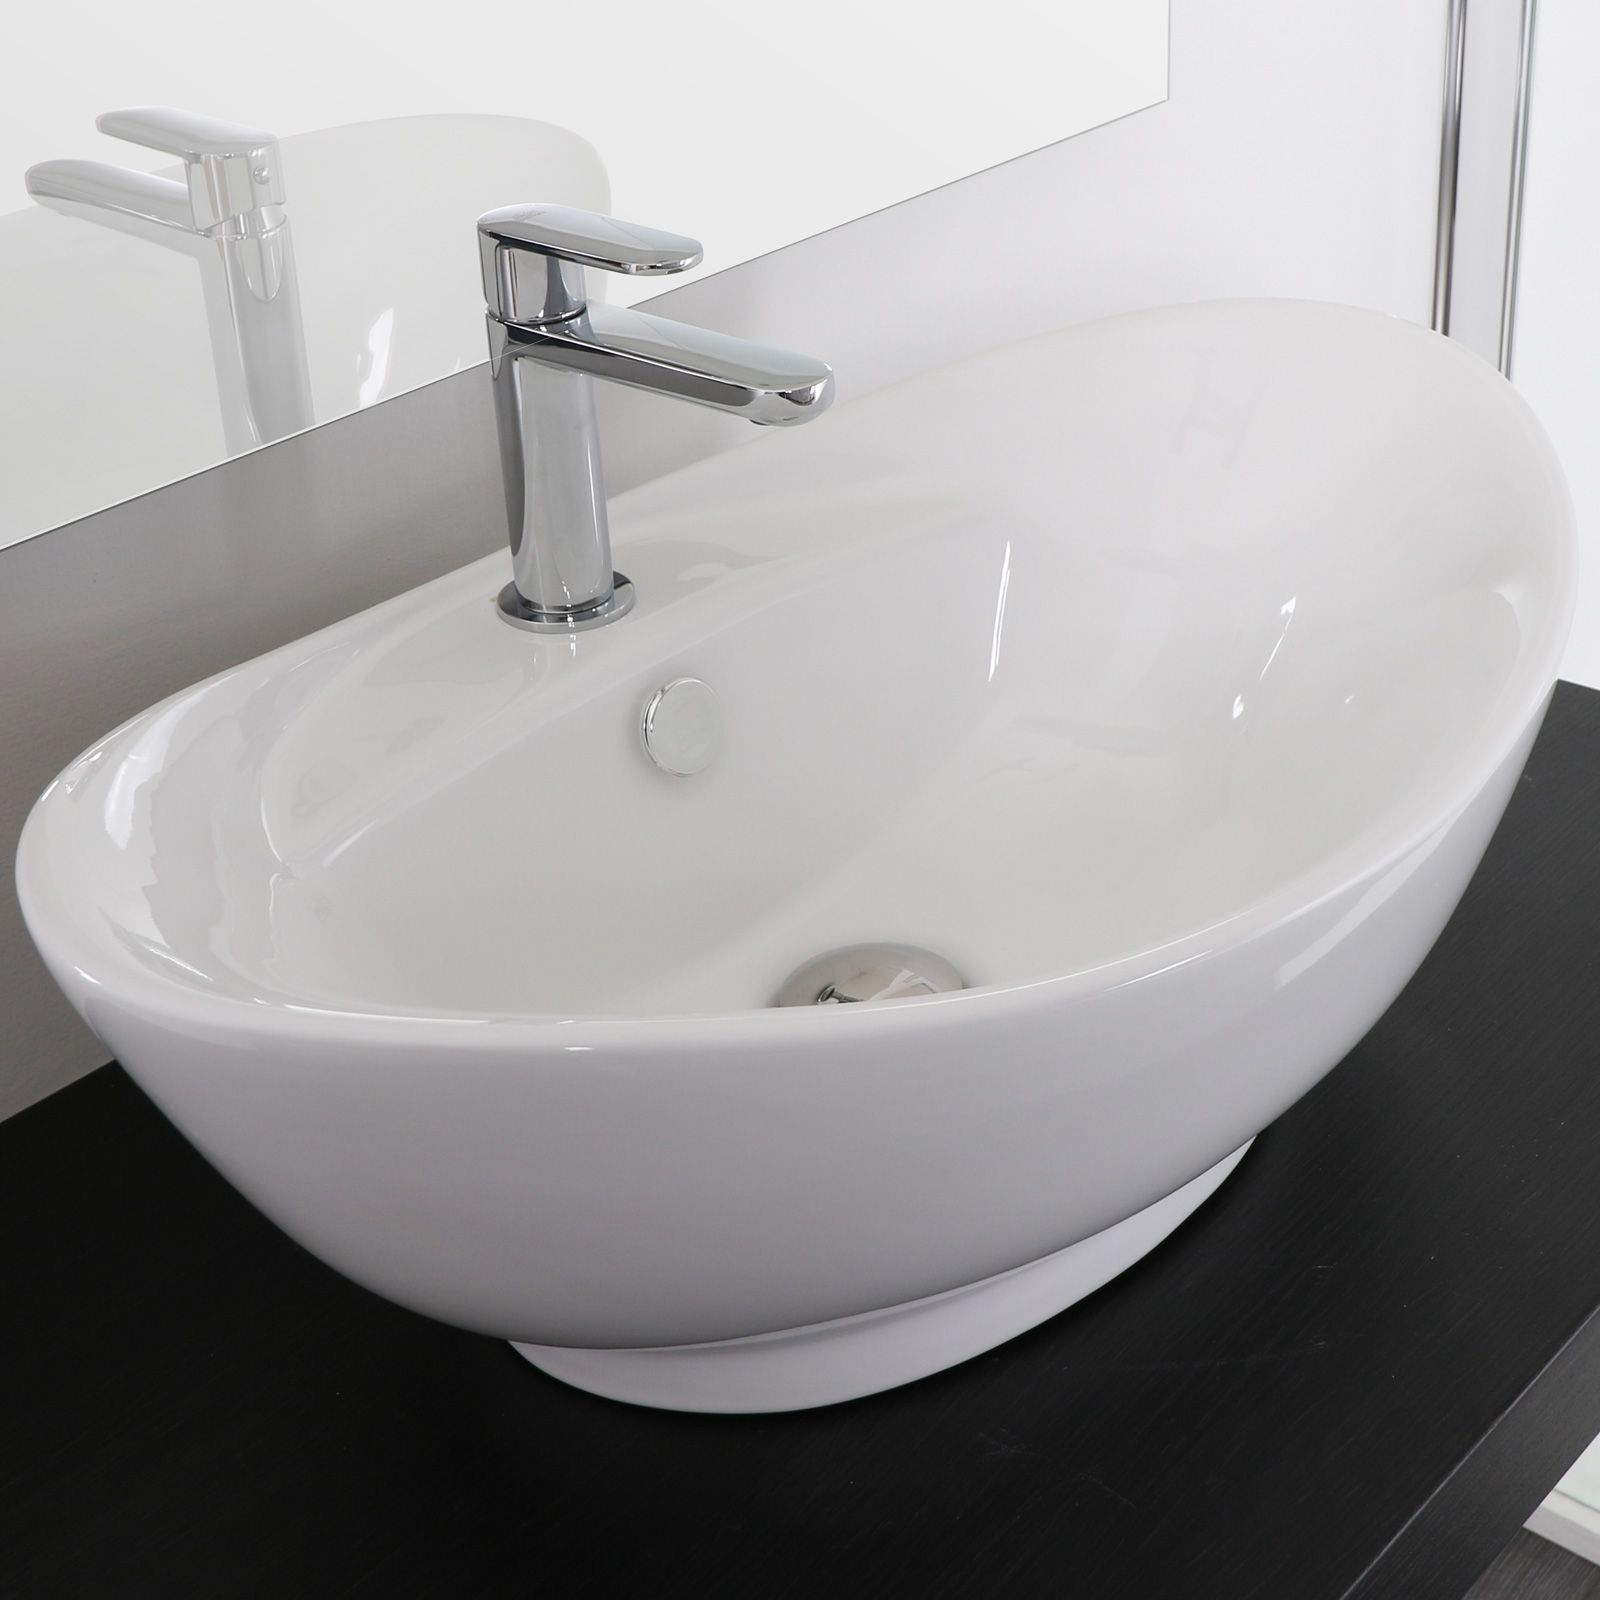 Lavabo da appoggio ovale 59x39 60x37 in ceramica bianco o for Lavabo da appoggio